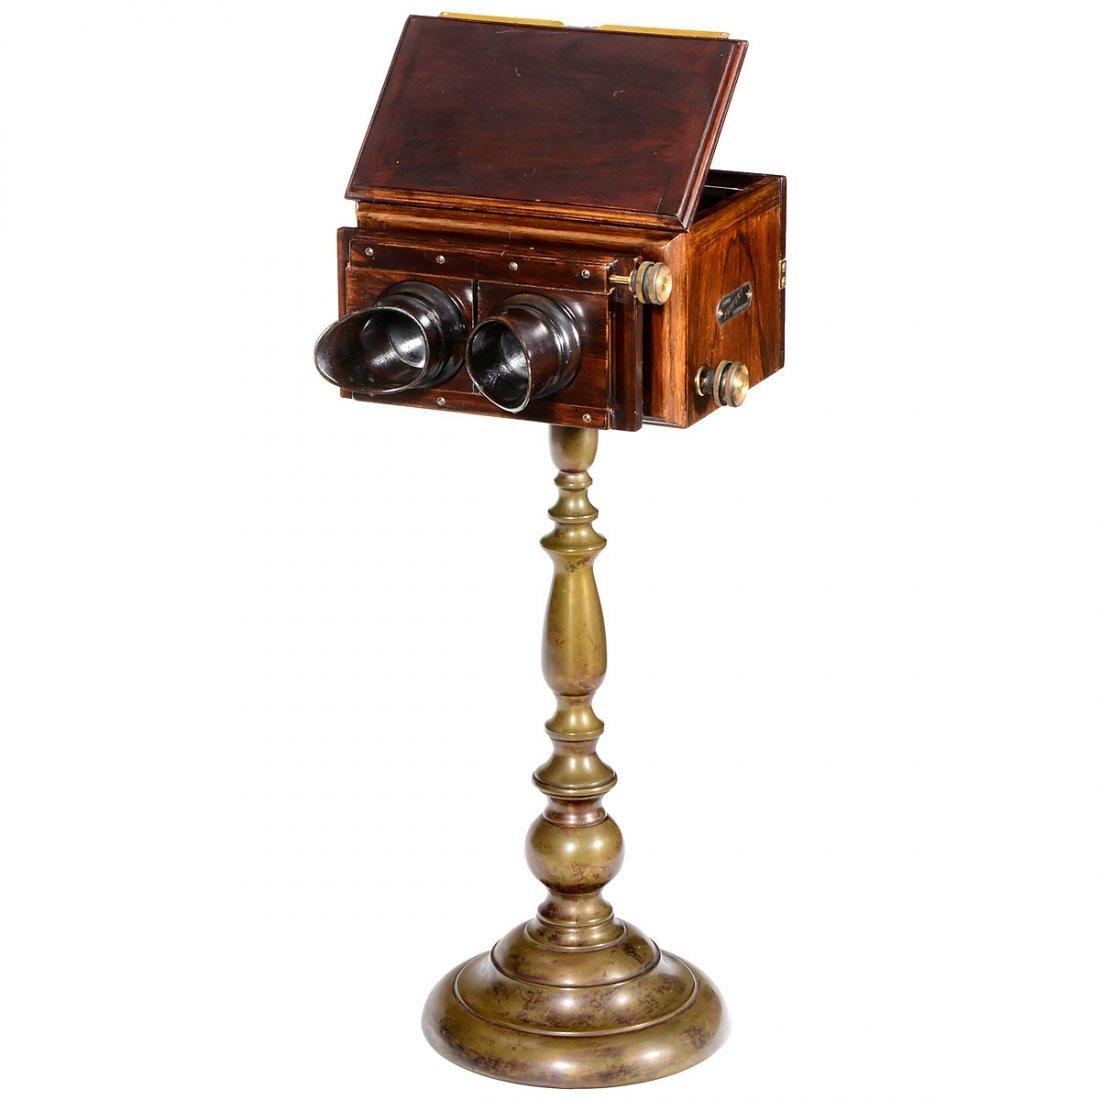 Primus Perfect Stereoscope 9 x 18, c. 1897